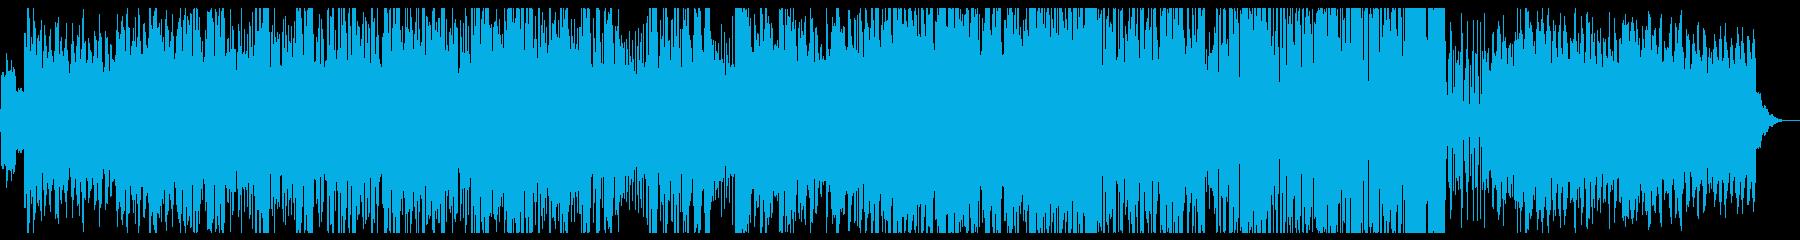 和風ヒップホップおしゃれ♪ダンスCM映像の再生済みの波形